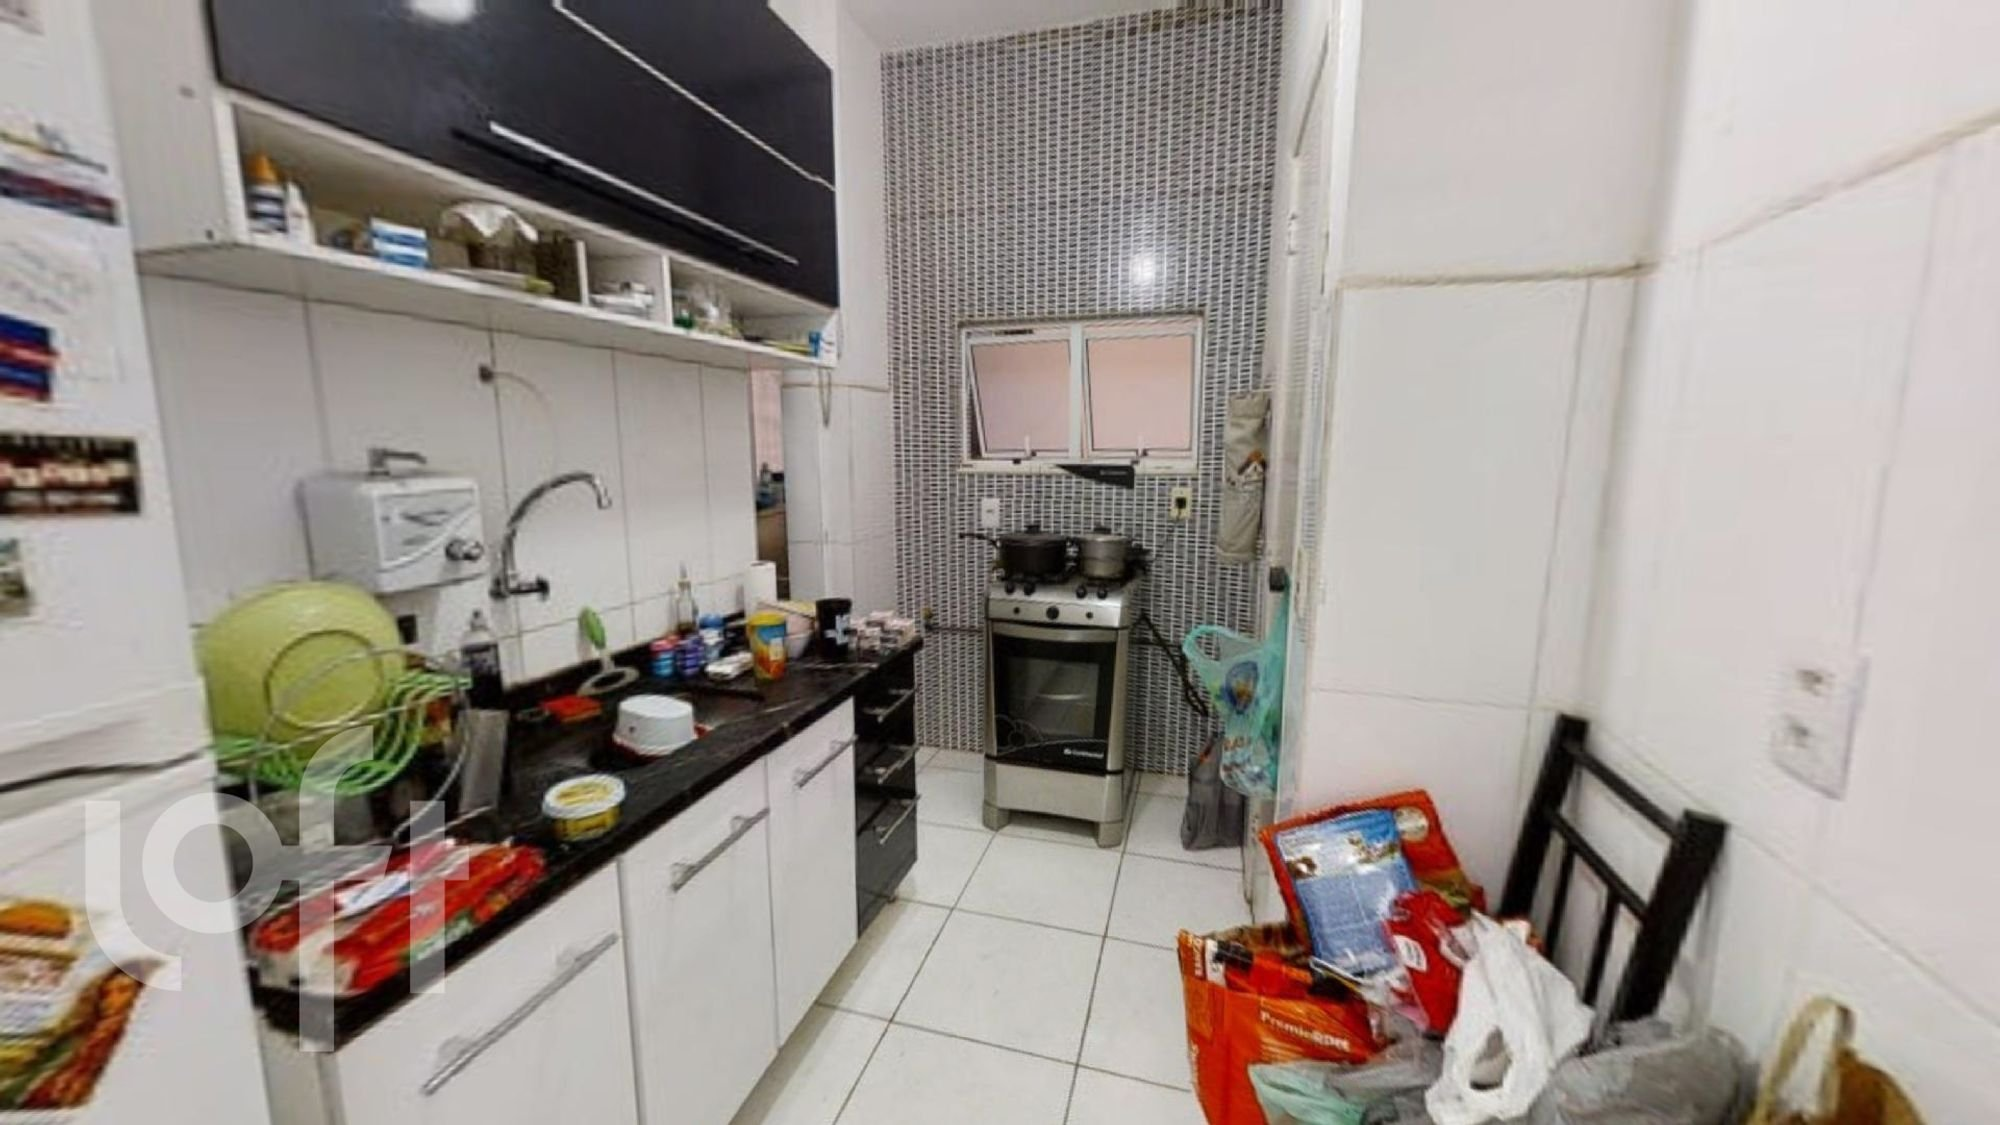 Foto de Cozinha com forno, tigela, garrafa